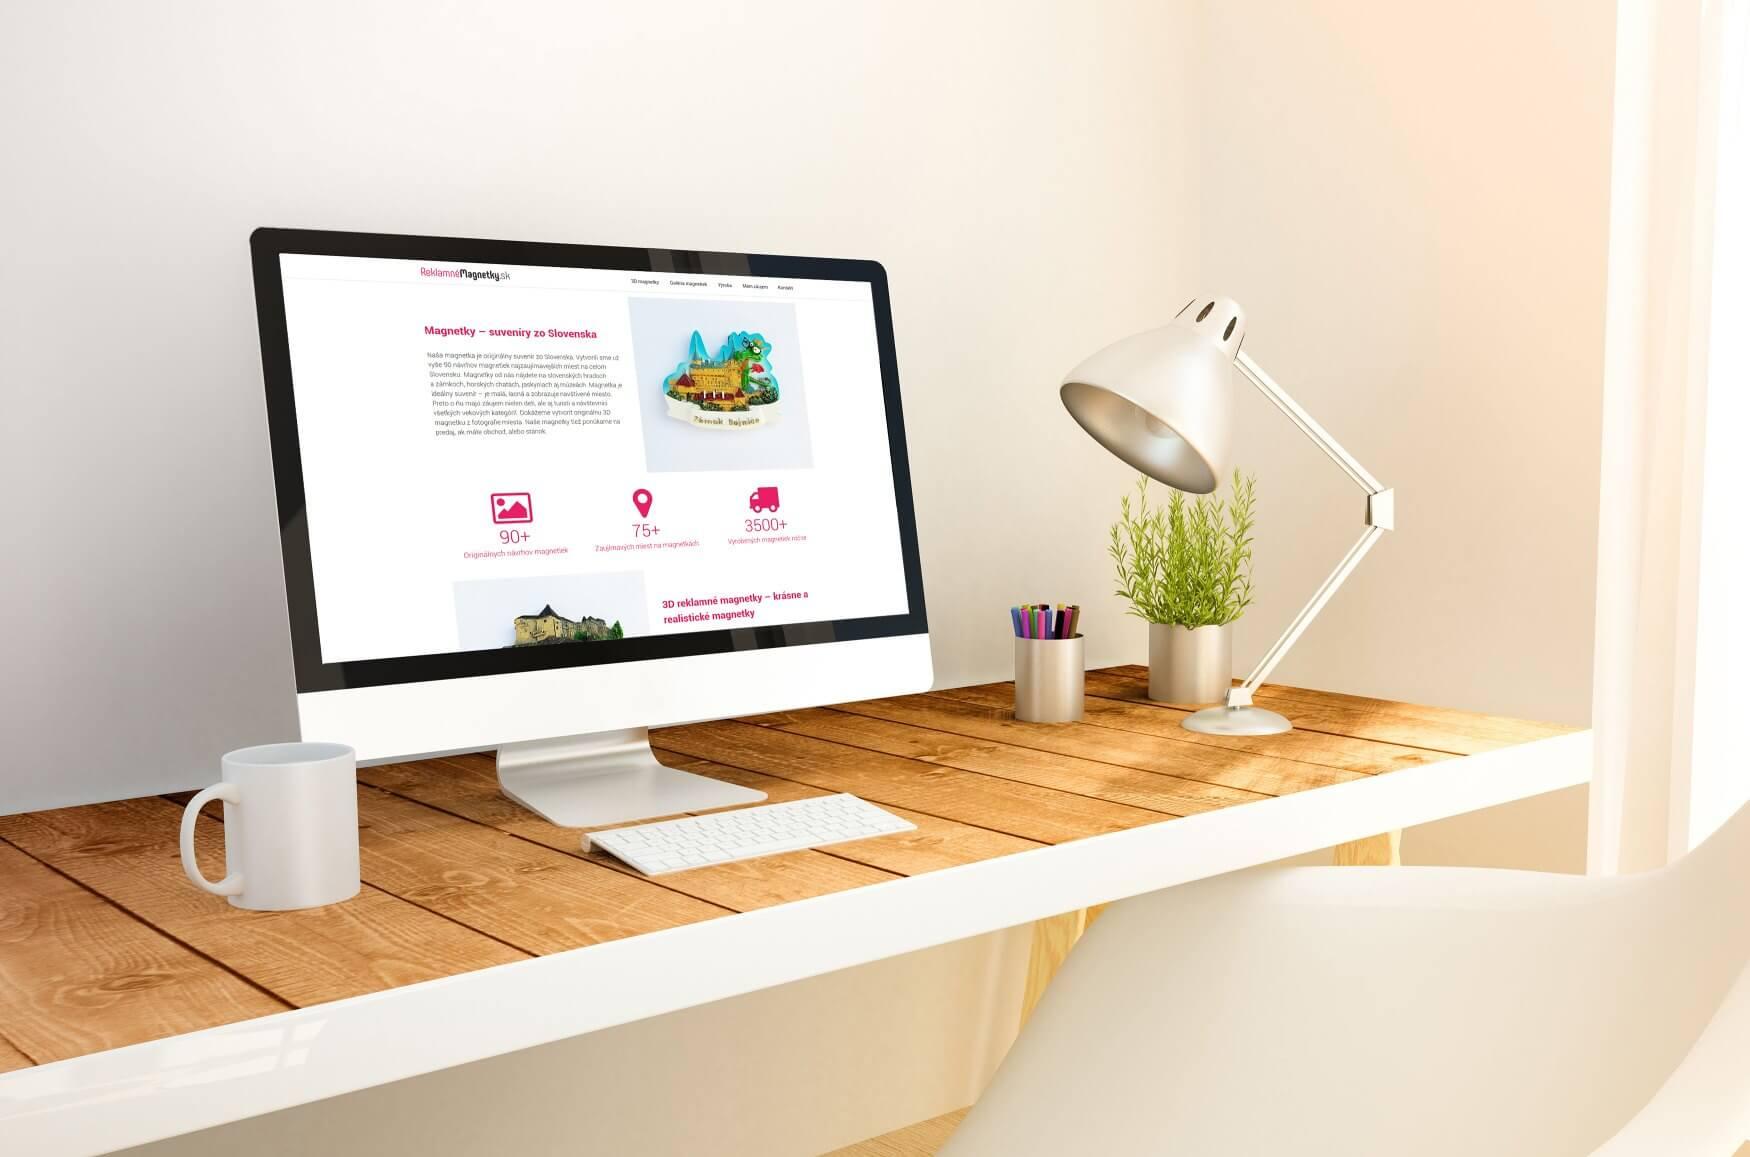 Tvorba moderných webových stránok lacno a rýchlo | Webovica.sk